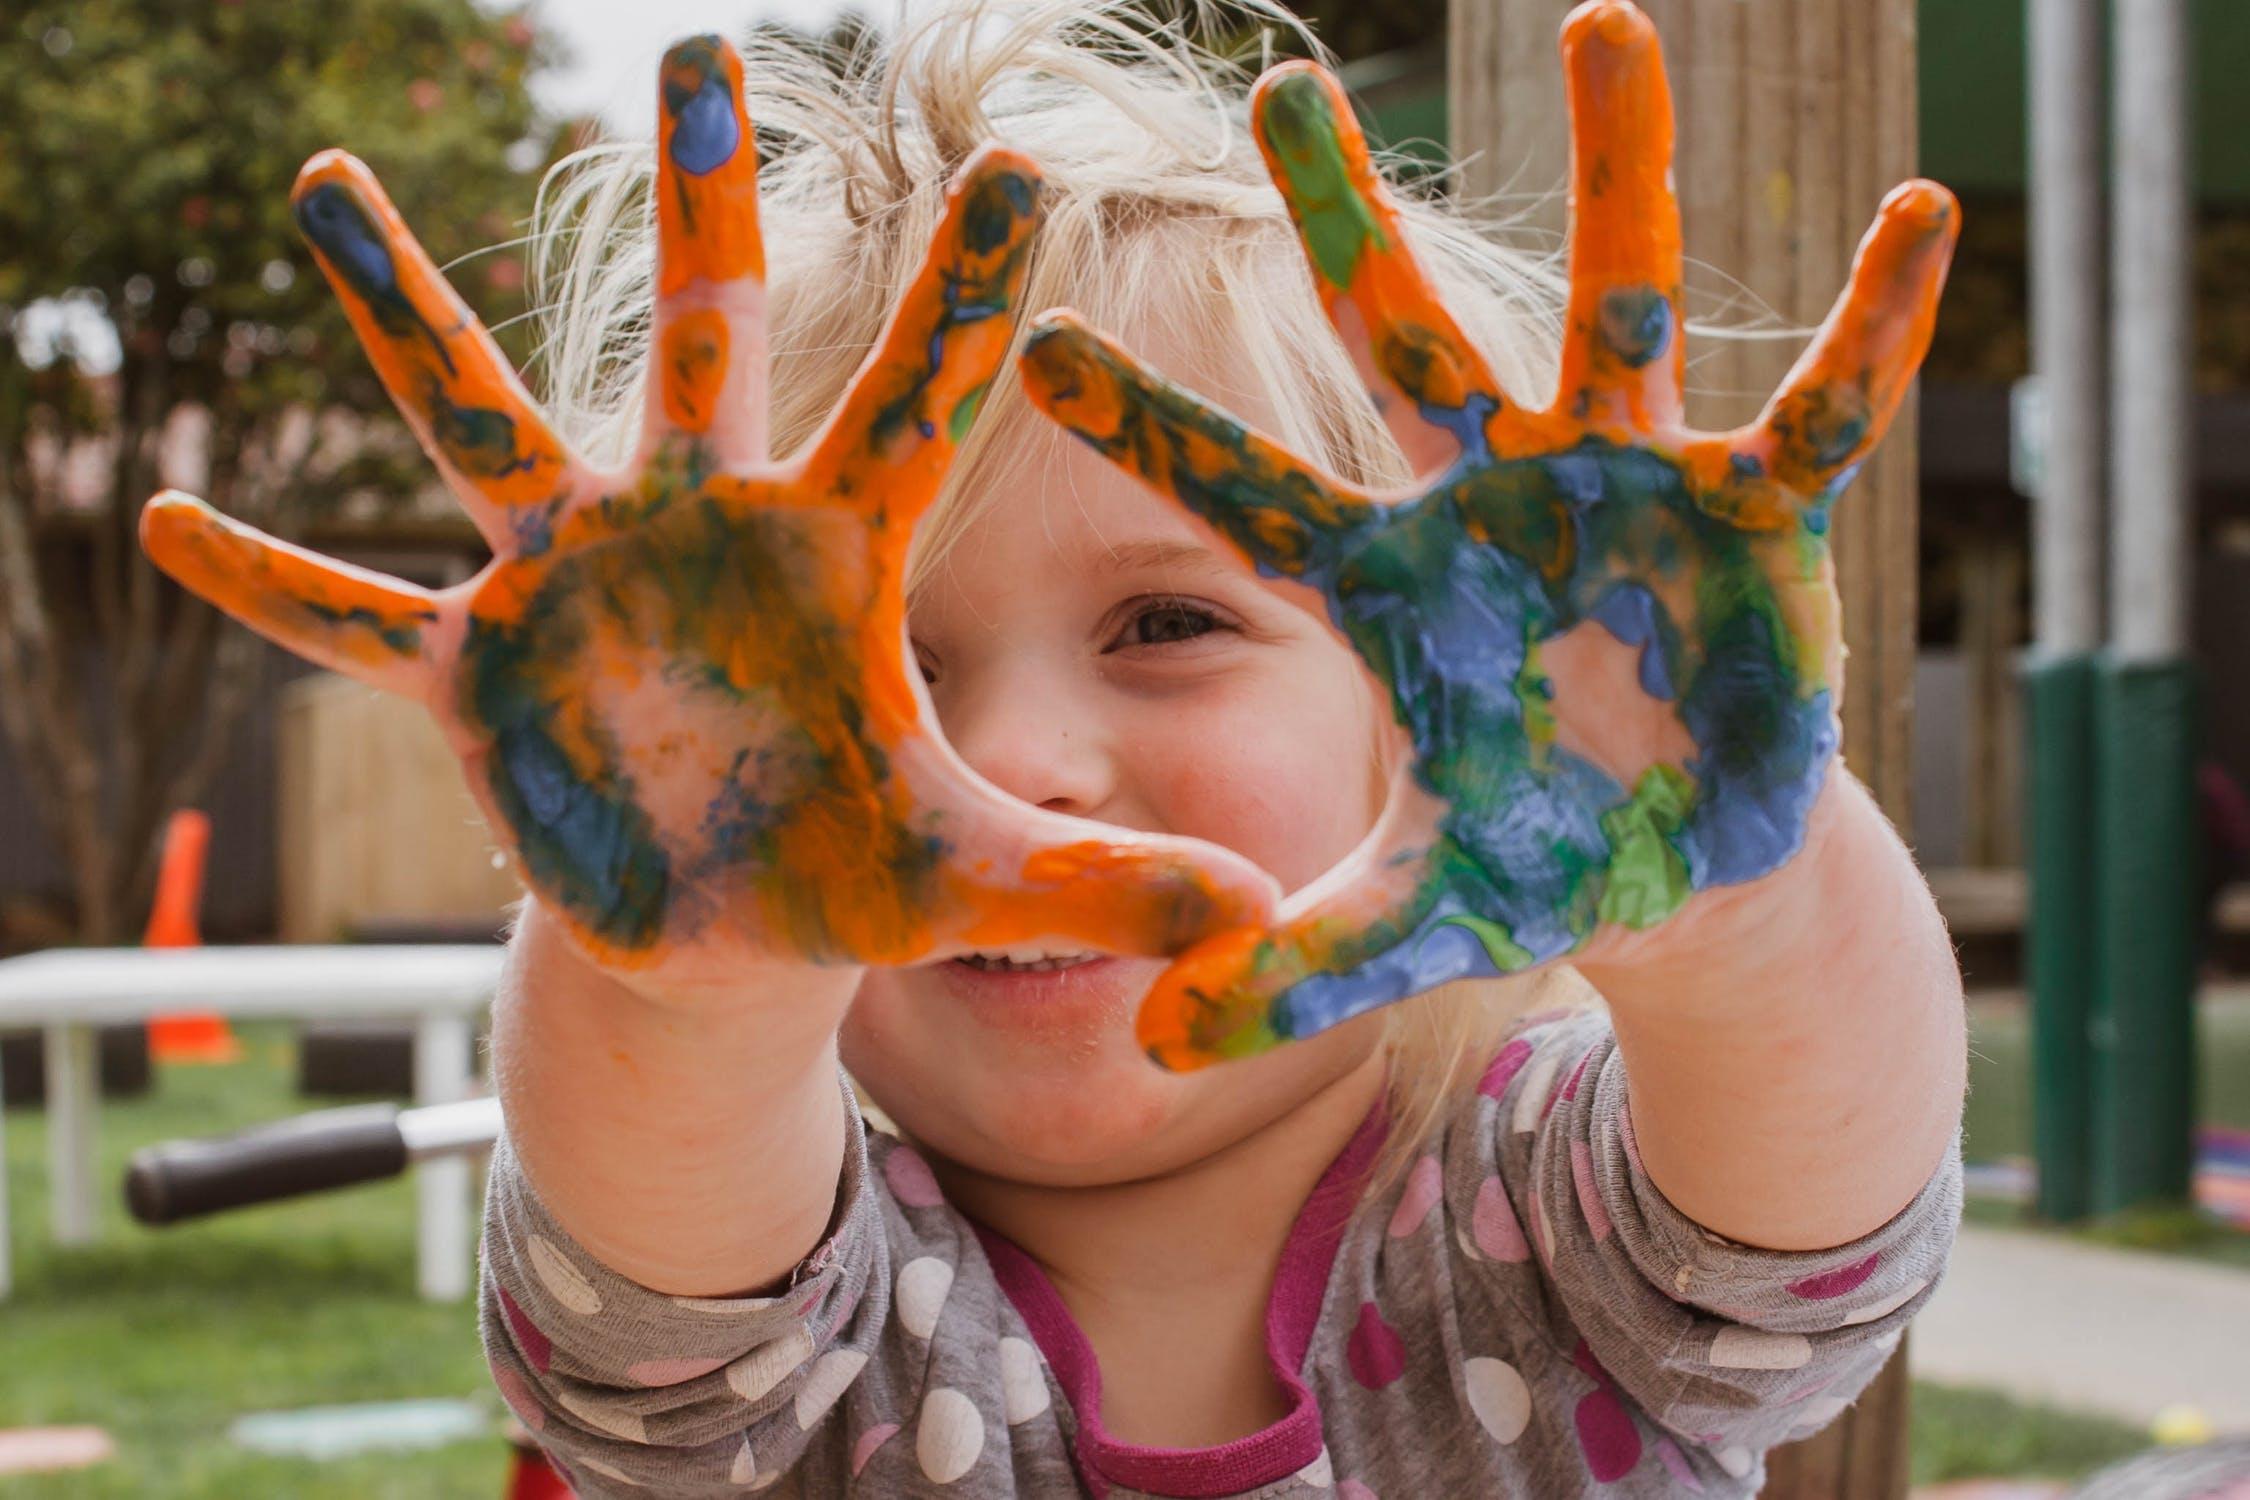 子育ては親育て 3つのポイントをおさえて親として大きく育ちませんか